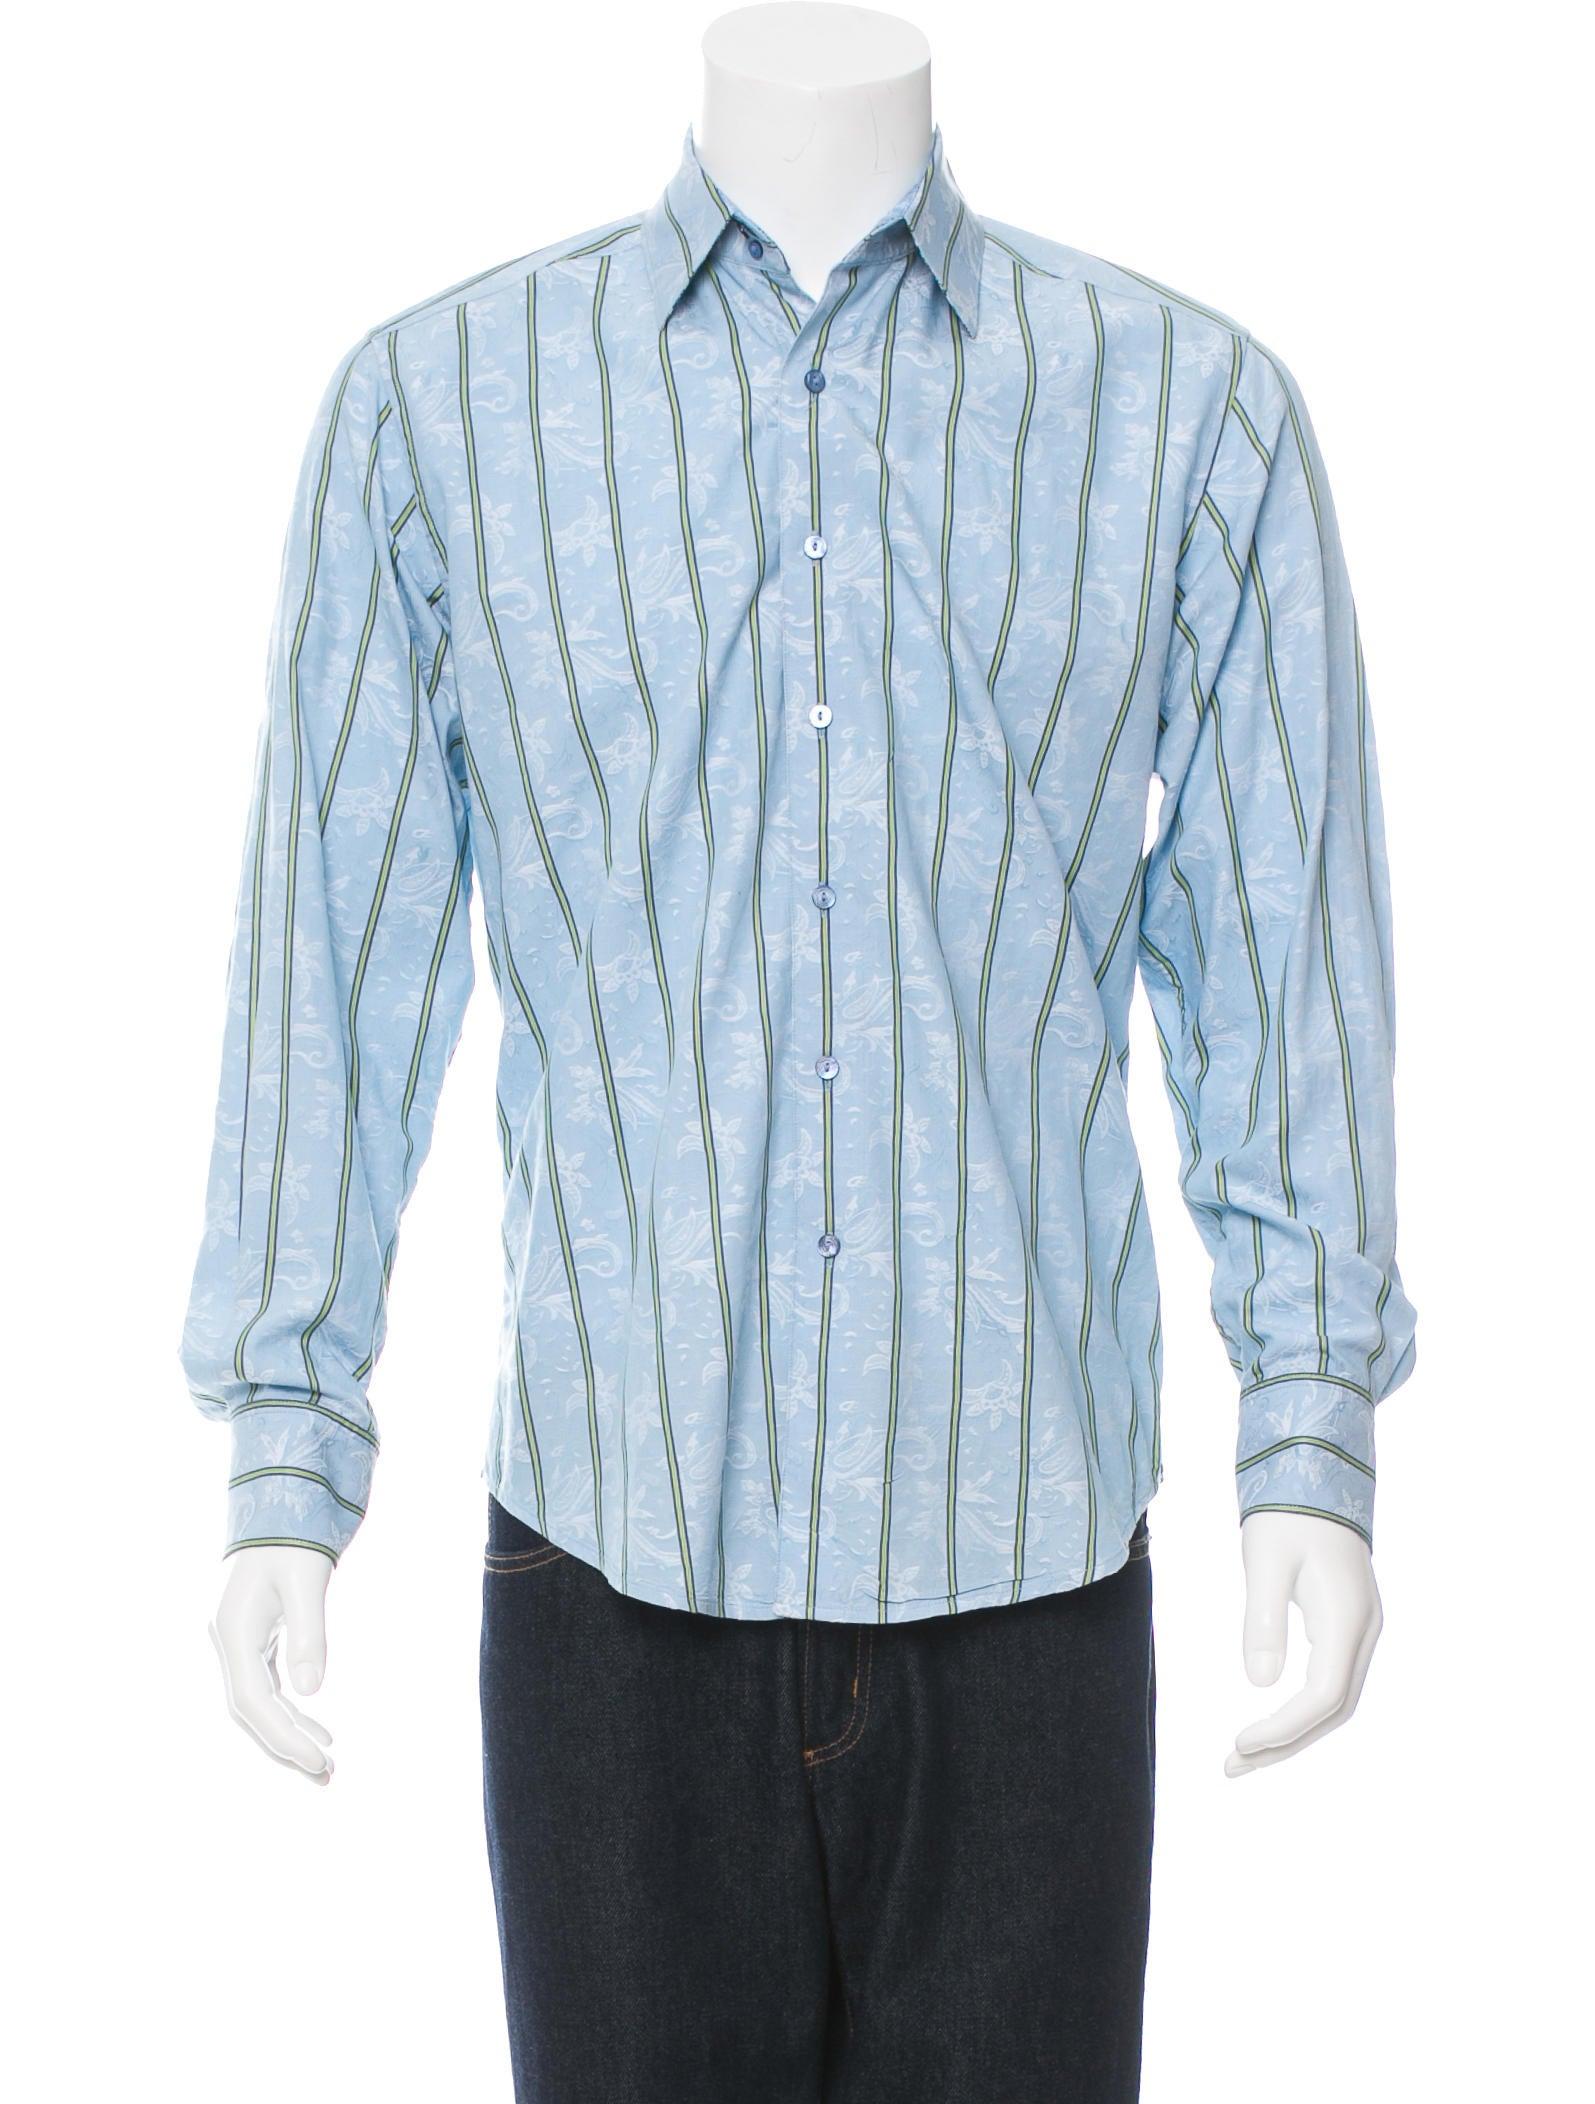 Robert graham striped floral print button up shirt for Floral print button up shirt